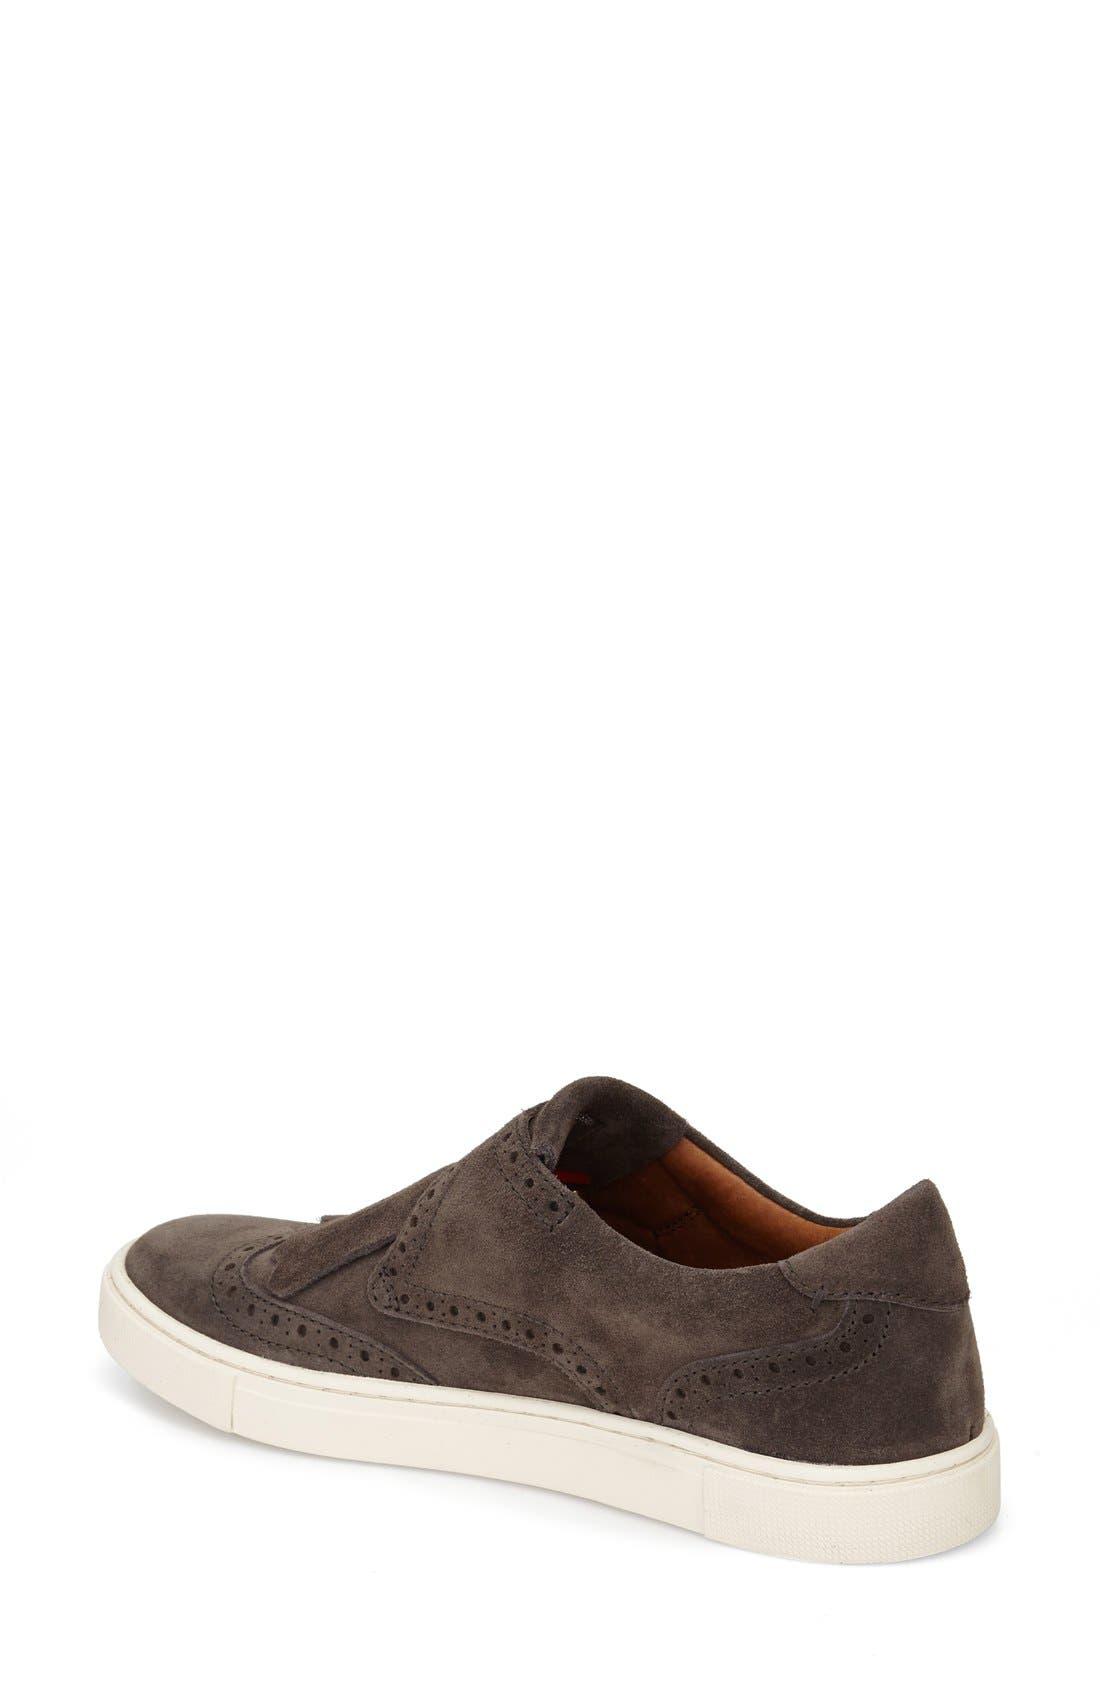 'Gemma' Kiltie Slip On-Sneaker,                             Alternate thumbnail 6, color,